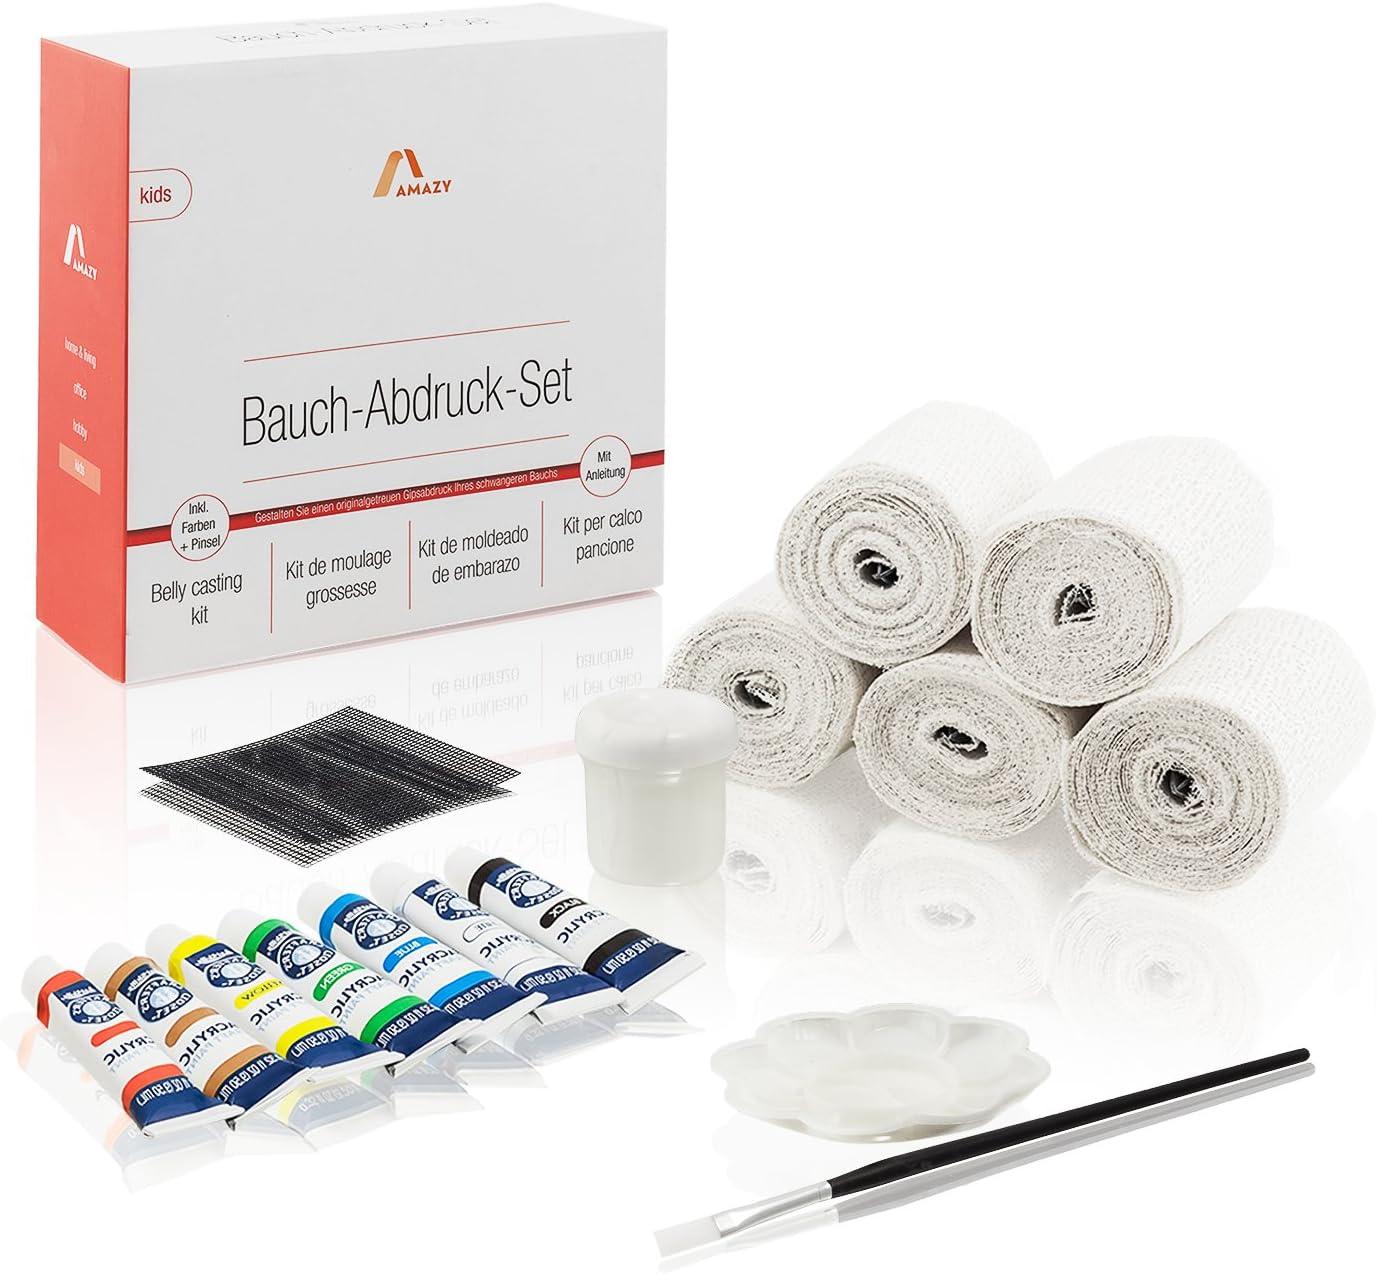 Amazy - Juego de vaporizadores (20 piezas) – Amplio juego para crear una impresión 3D de baby baul – con cintas de yeso, colores, pincel, suspensión, etc.: Amazon.es: Bebé